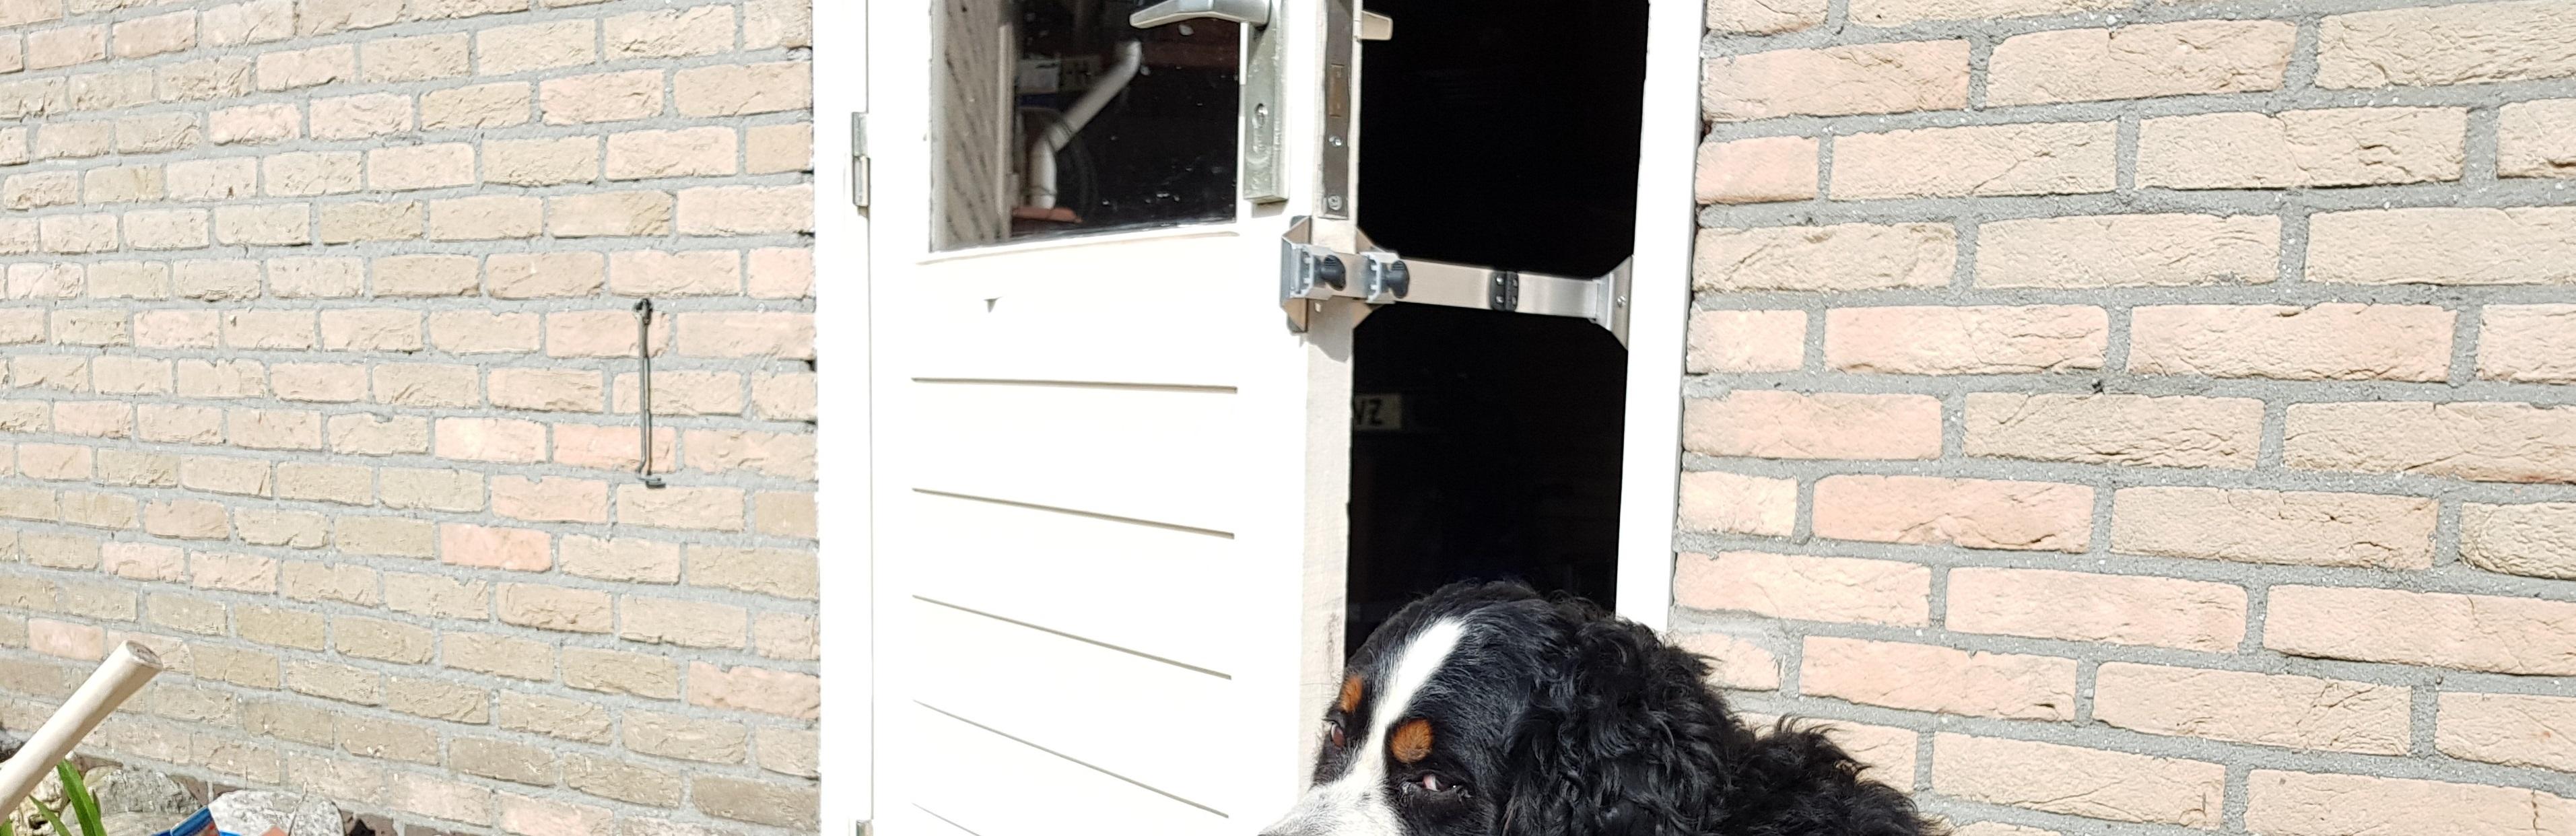 De Kierr 200 zonder boren en schroeven deuruitzetter ook te gebruiken voor dieren